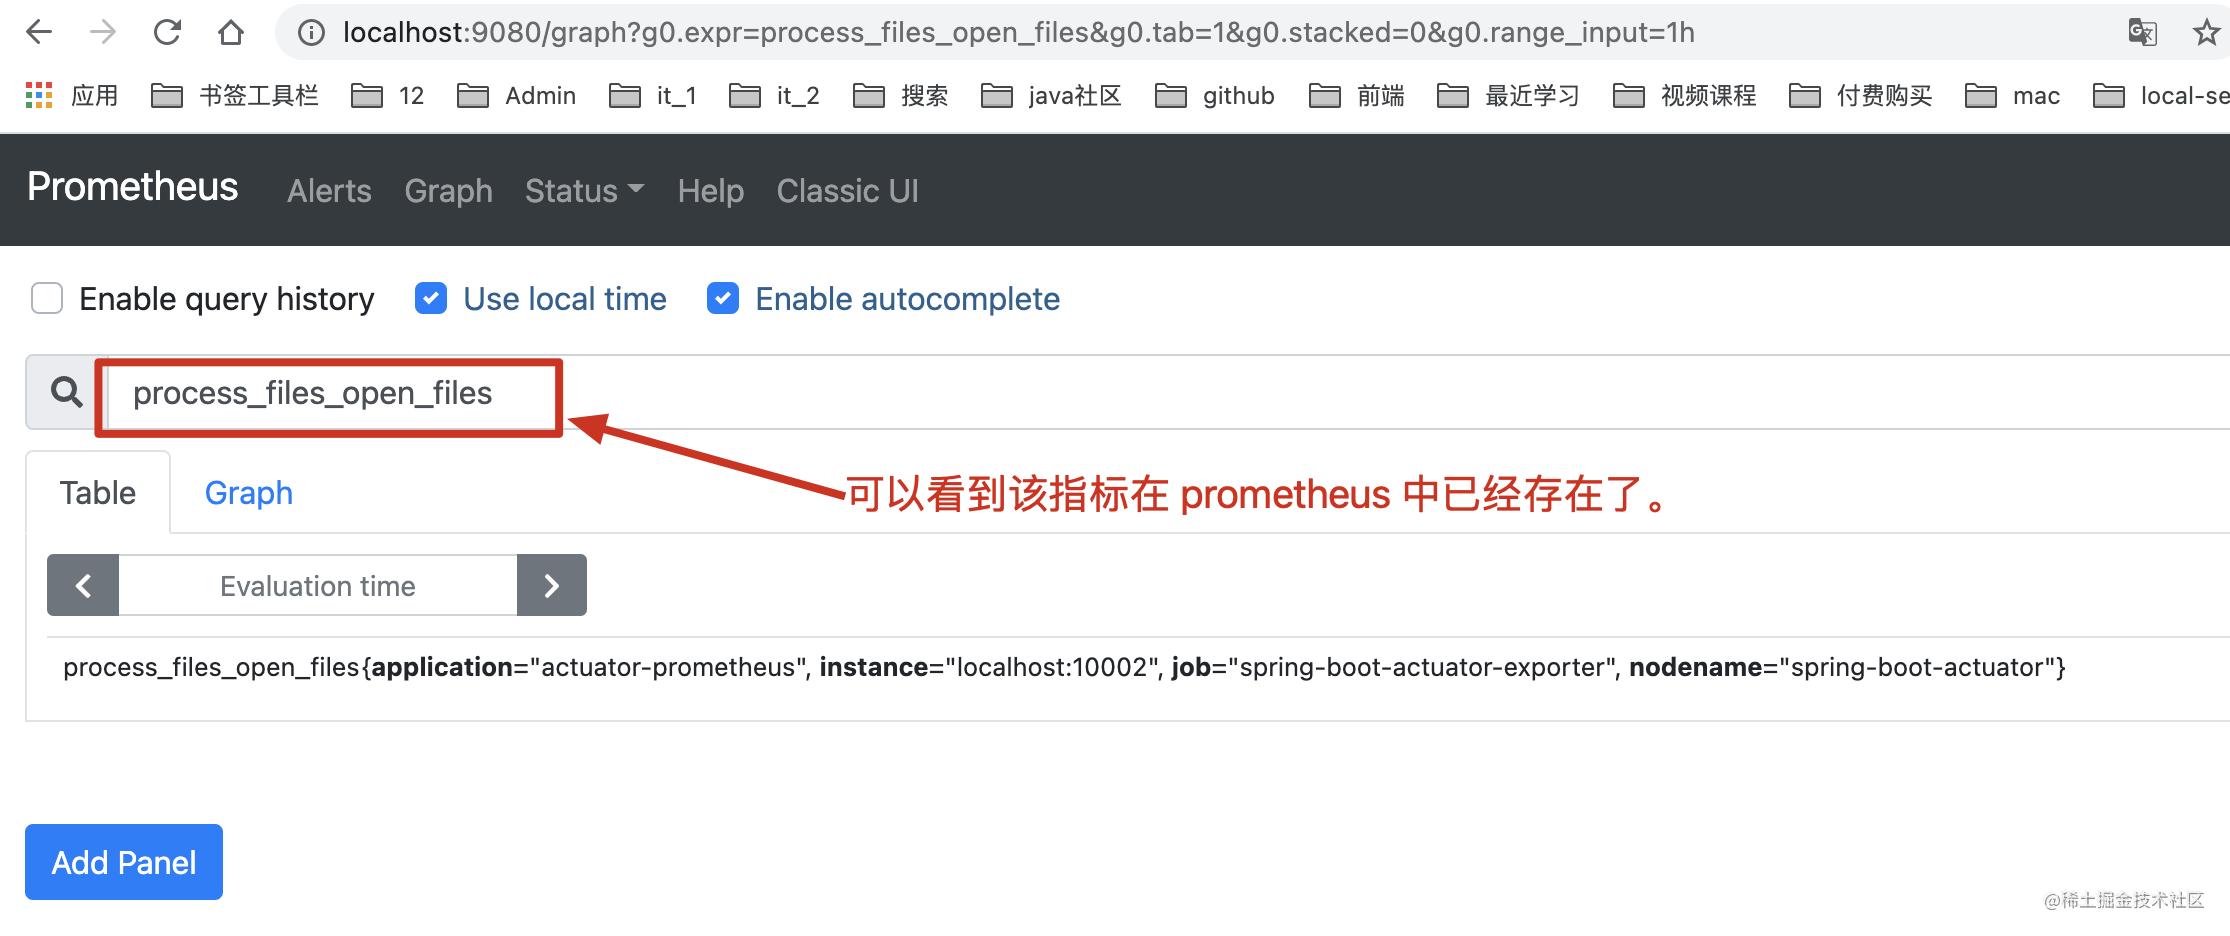 在 prometheus 中查看指标数据